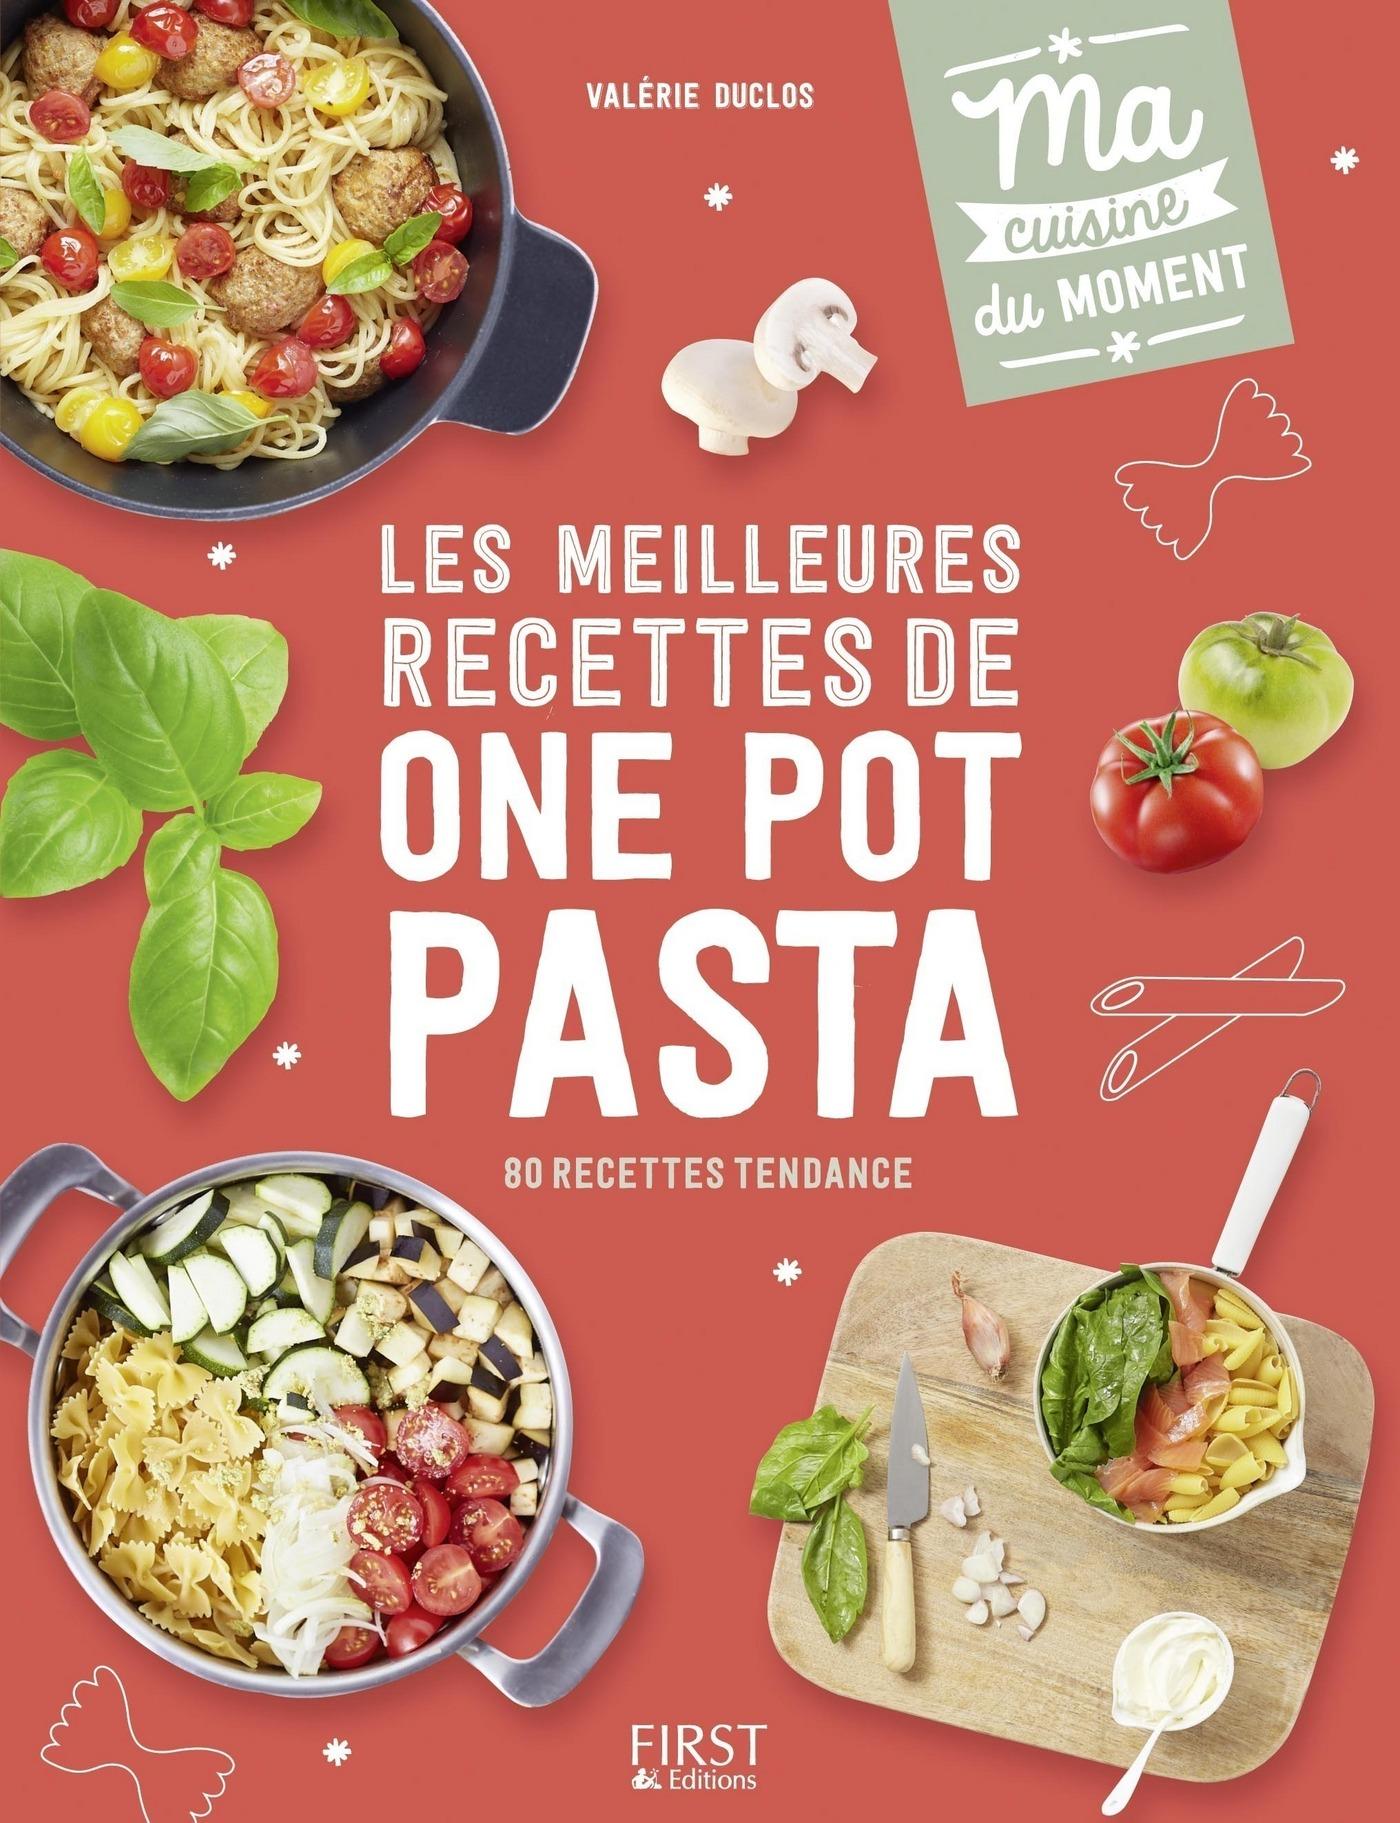 Les meilleures recettes de one pot pasta (ebook)